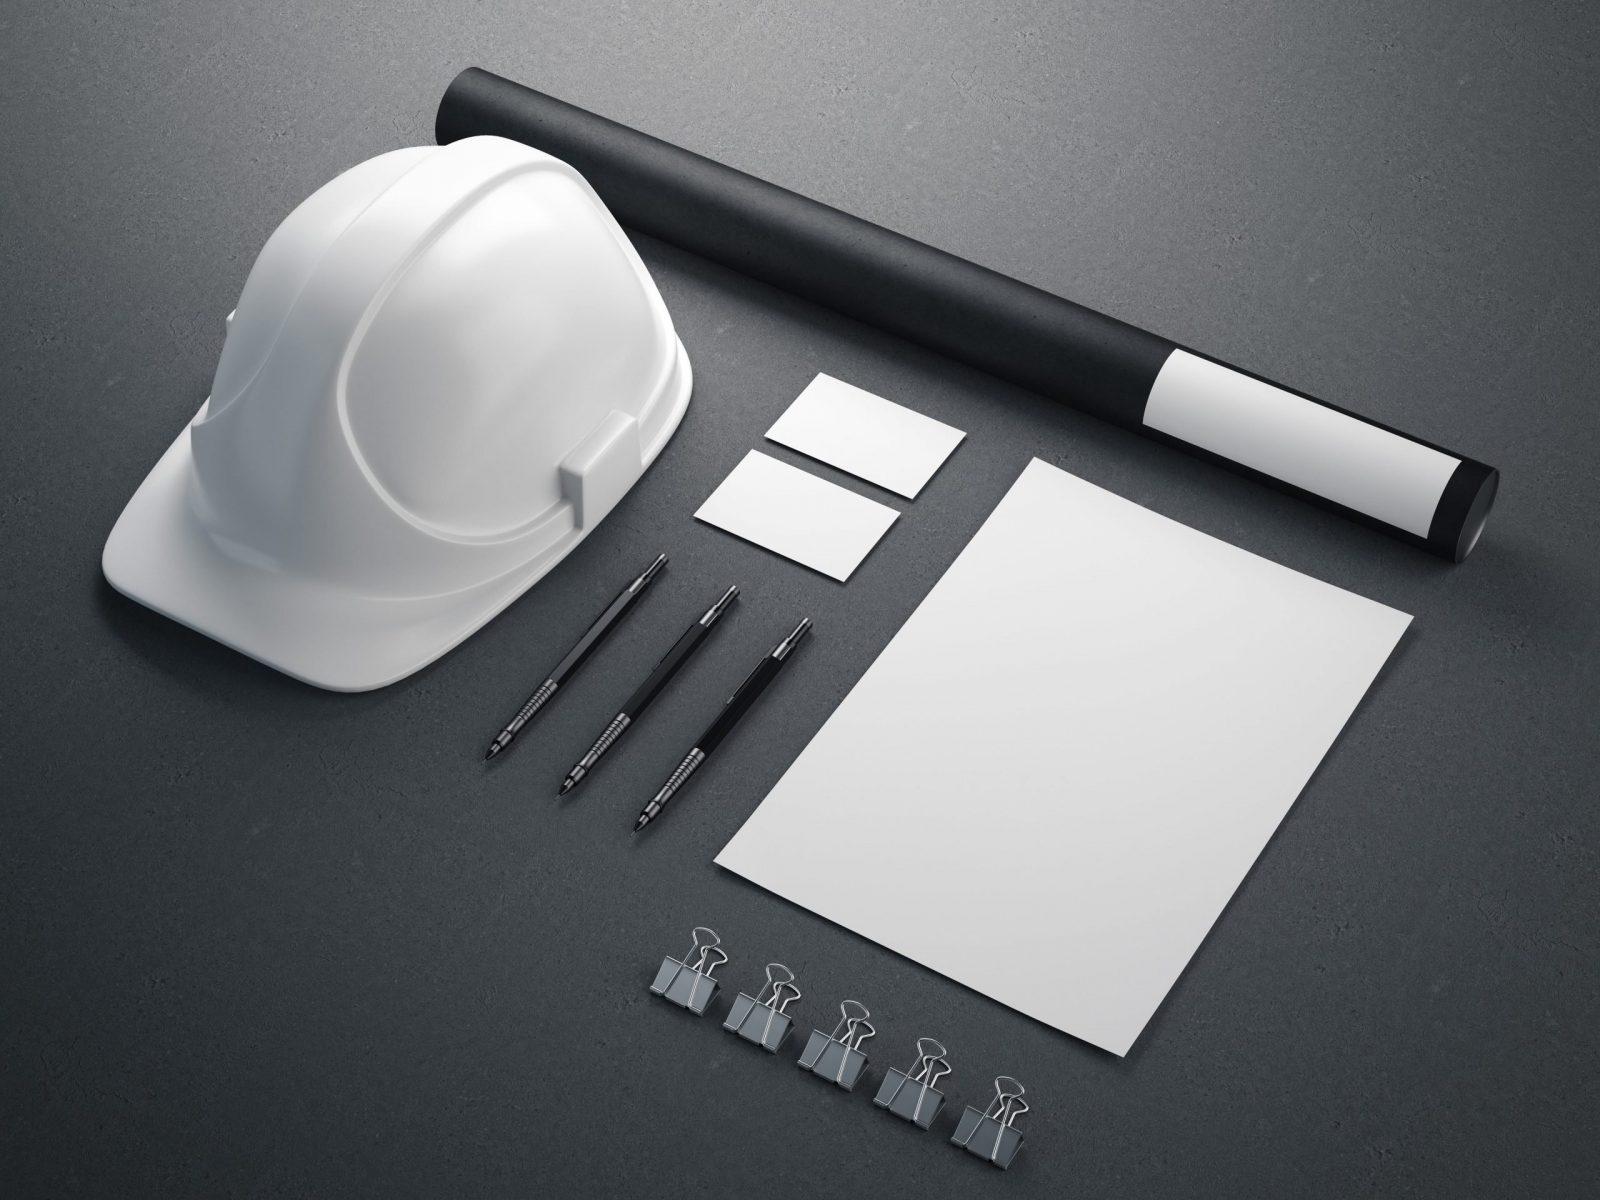 construction helmet branding aalofts design scaled